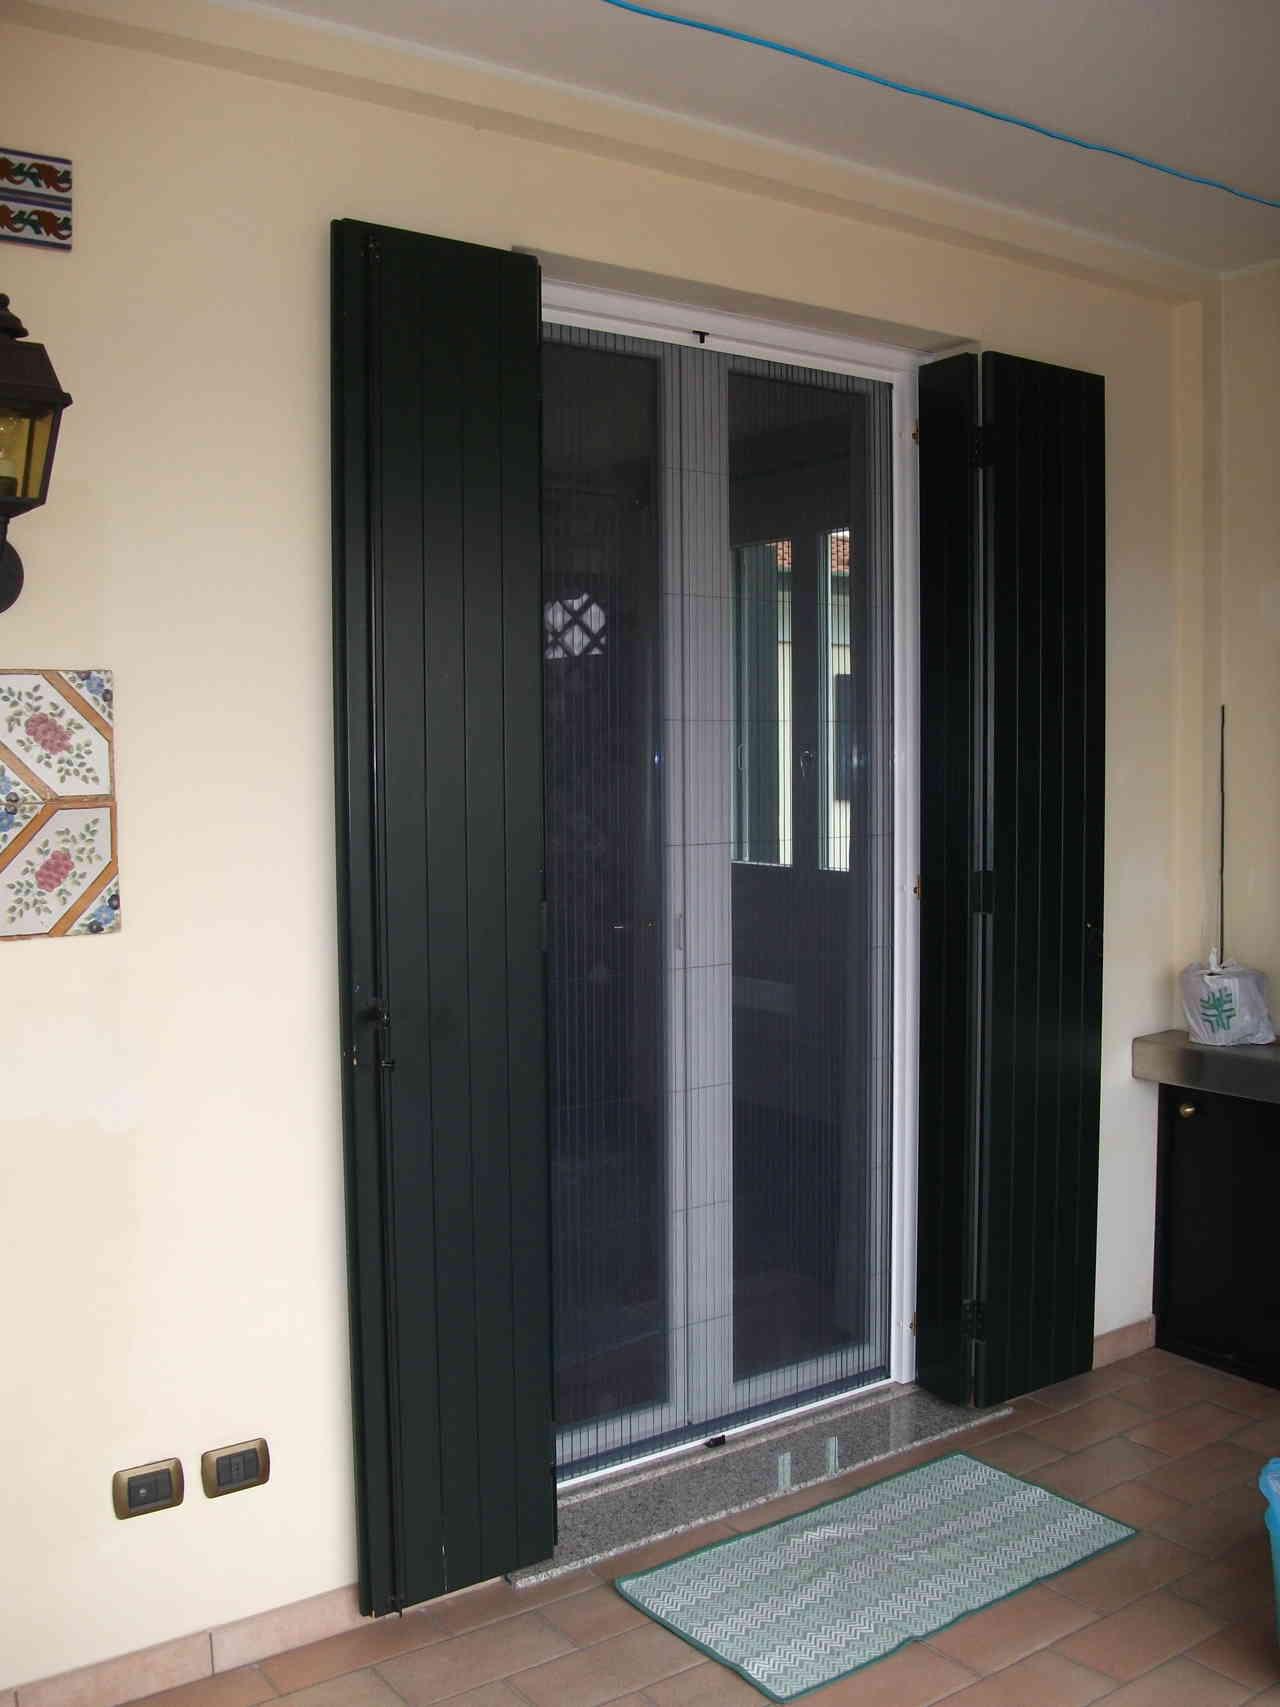 Contatti Ufficio Linea Emme Serramenti Realizzazioni In Pvc Finestre E Porte 10